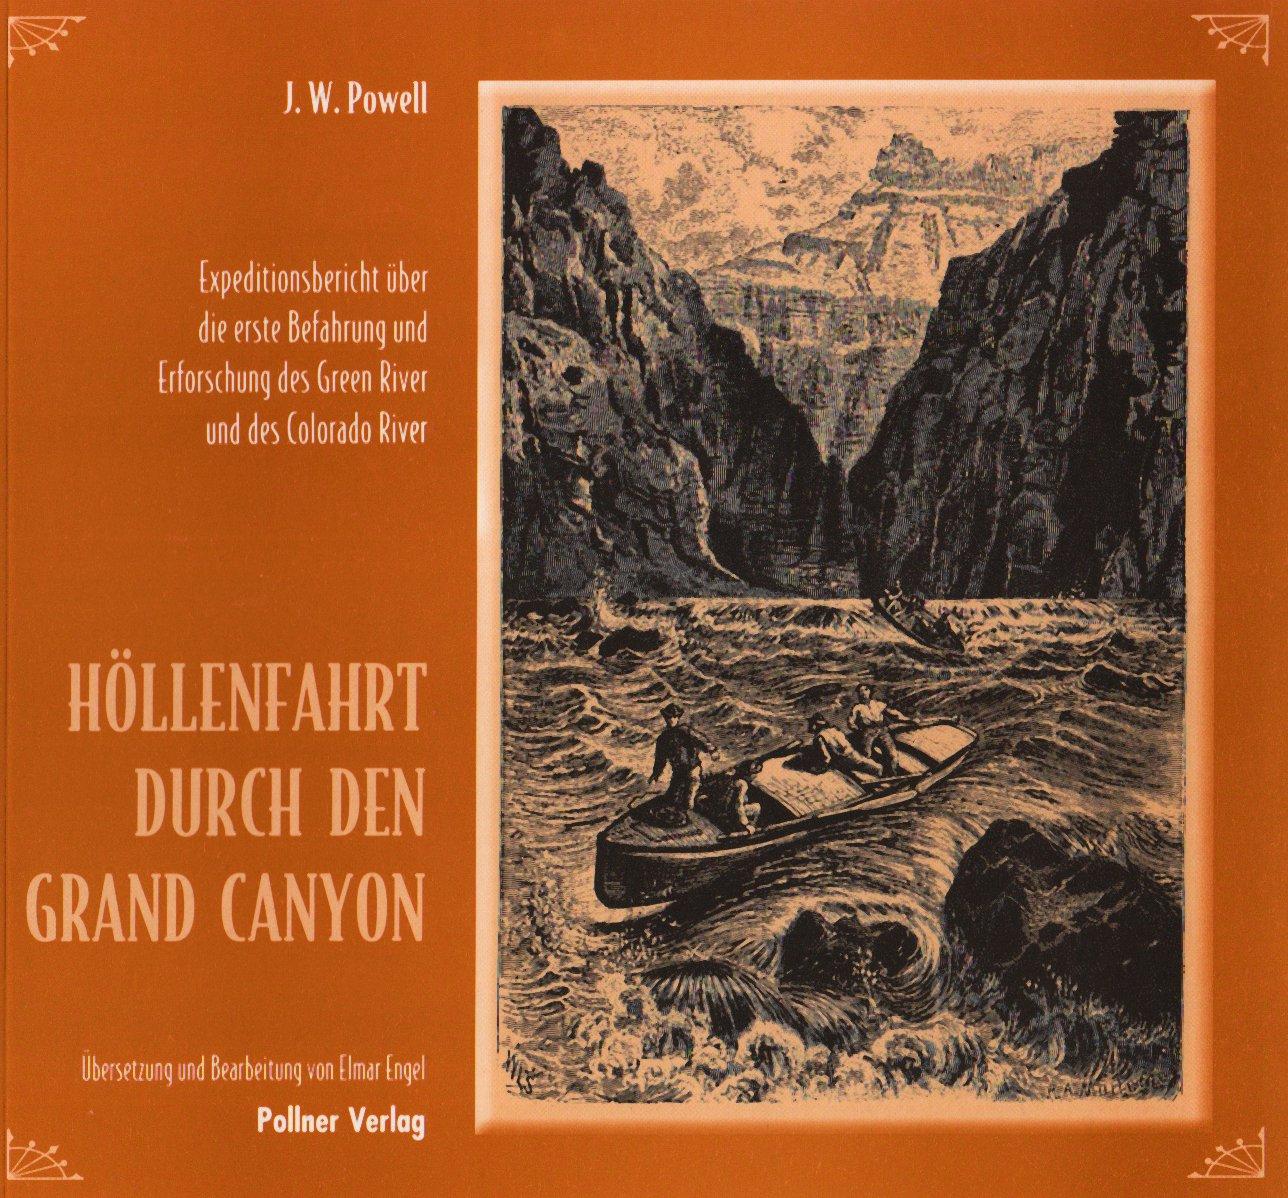 Höllenfahrt durch den Grand Canyon: Expeditionsbericht über die erste Befahrung und Erforschung des Green River und des Coloredo River 1889